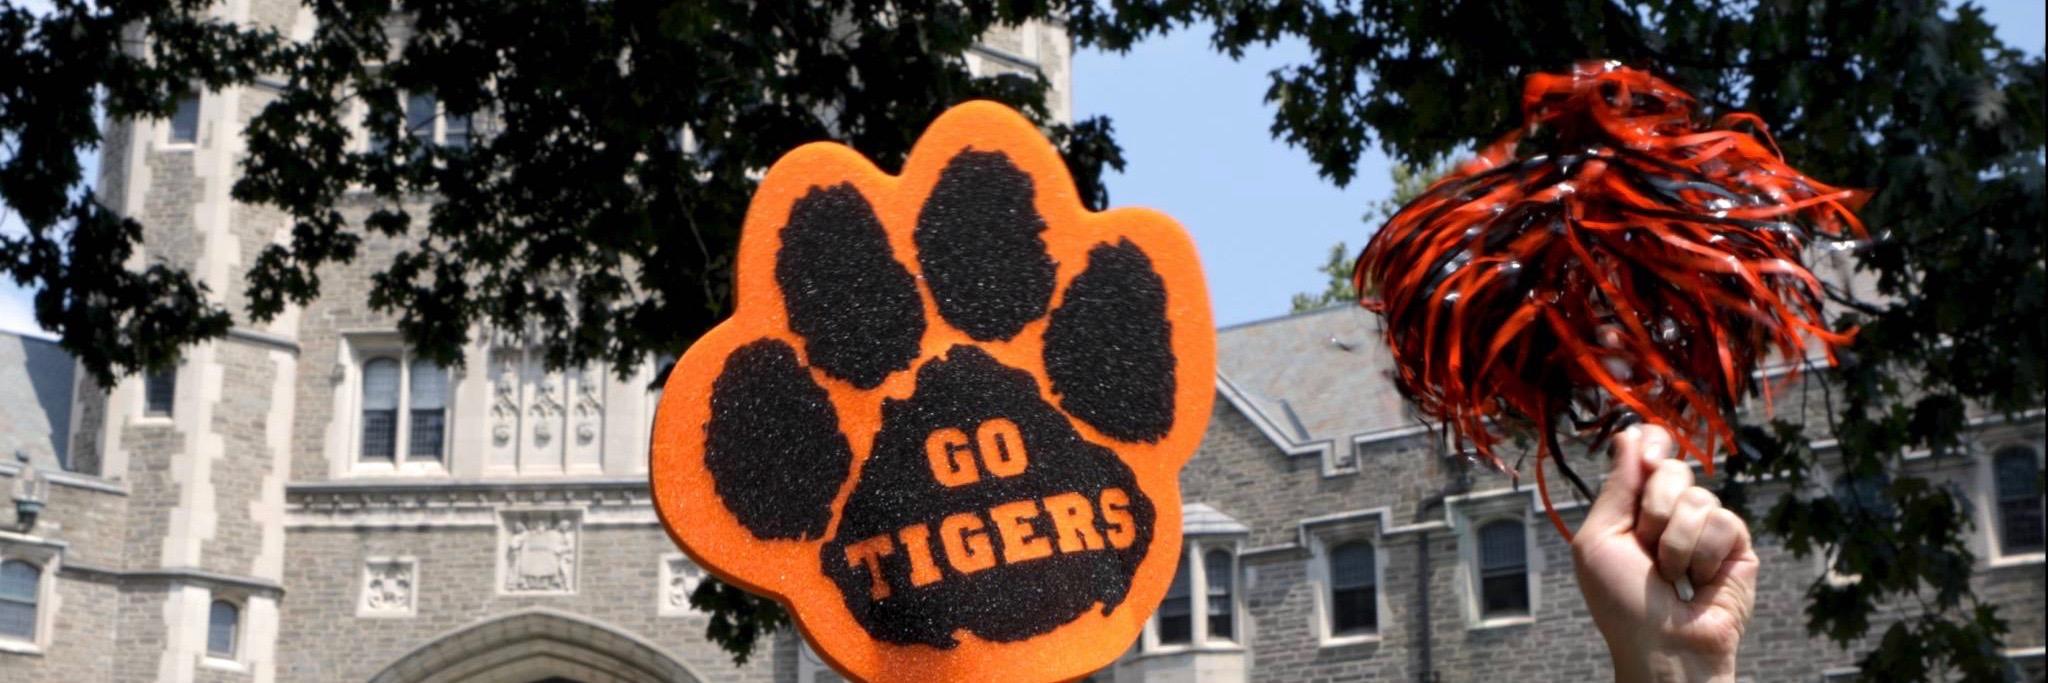 Go Tigers Princeton Campus